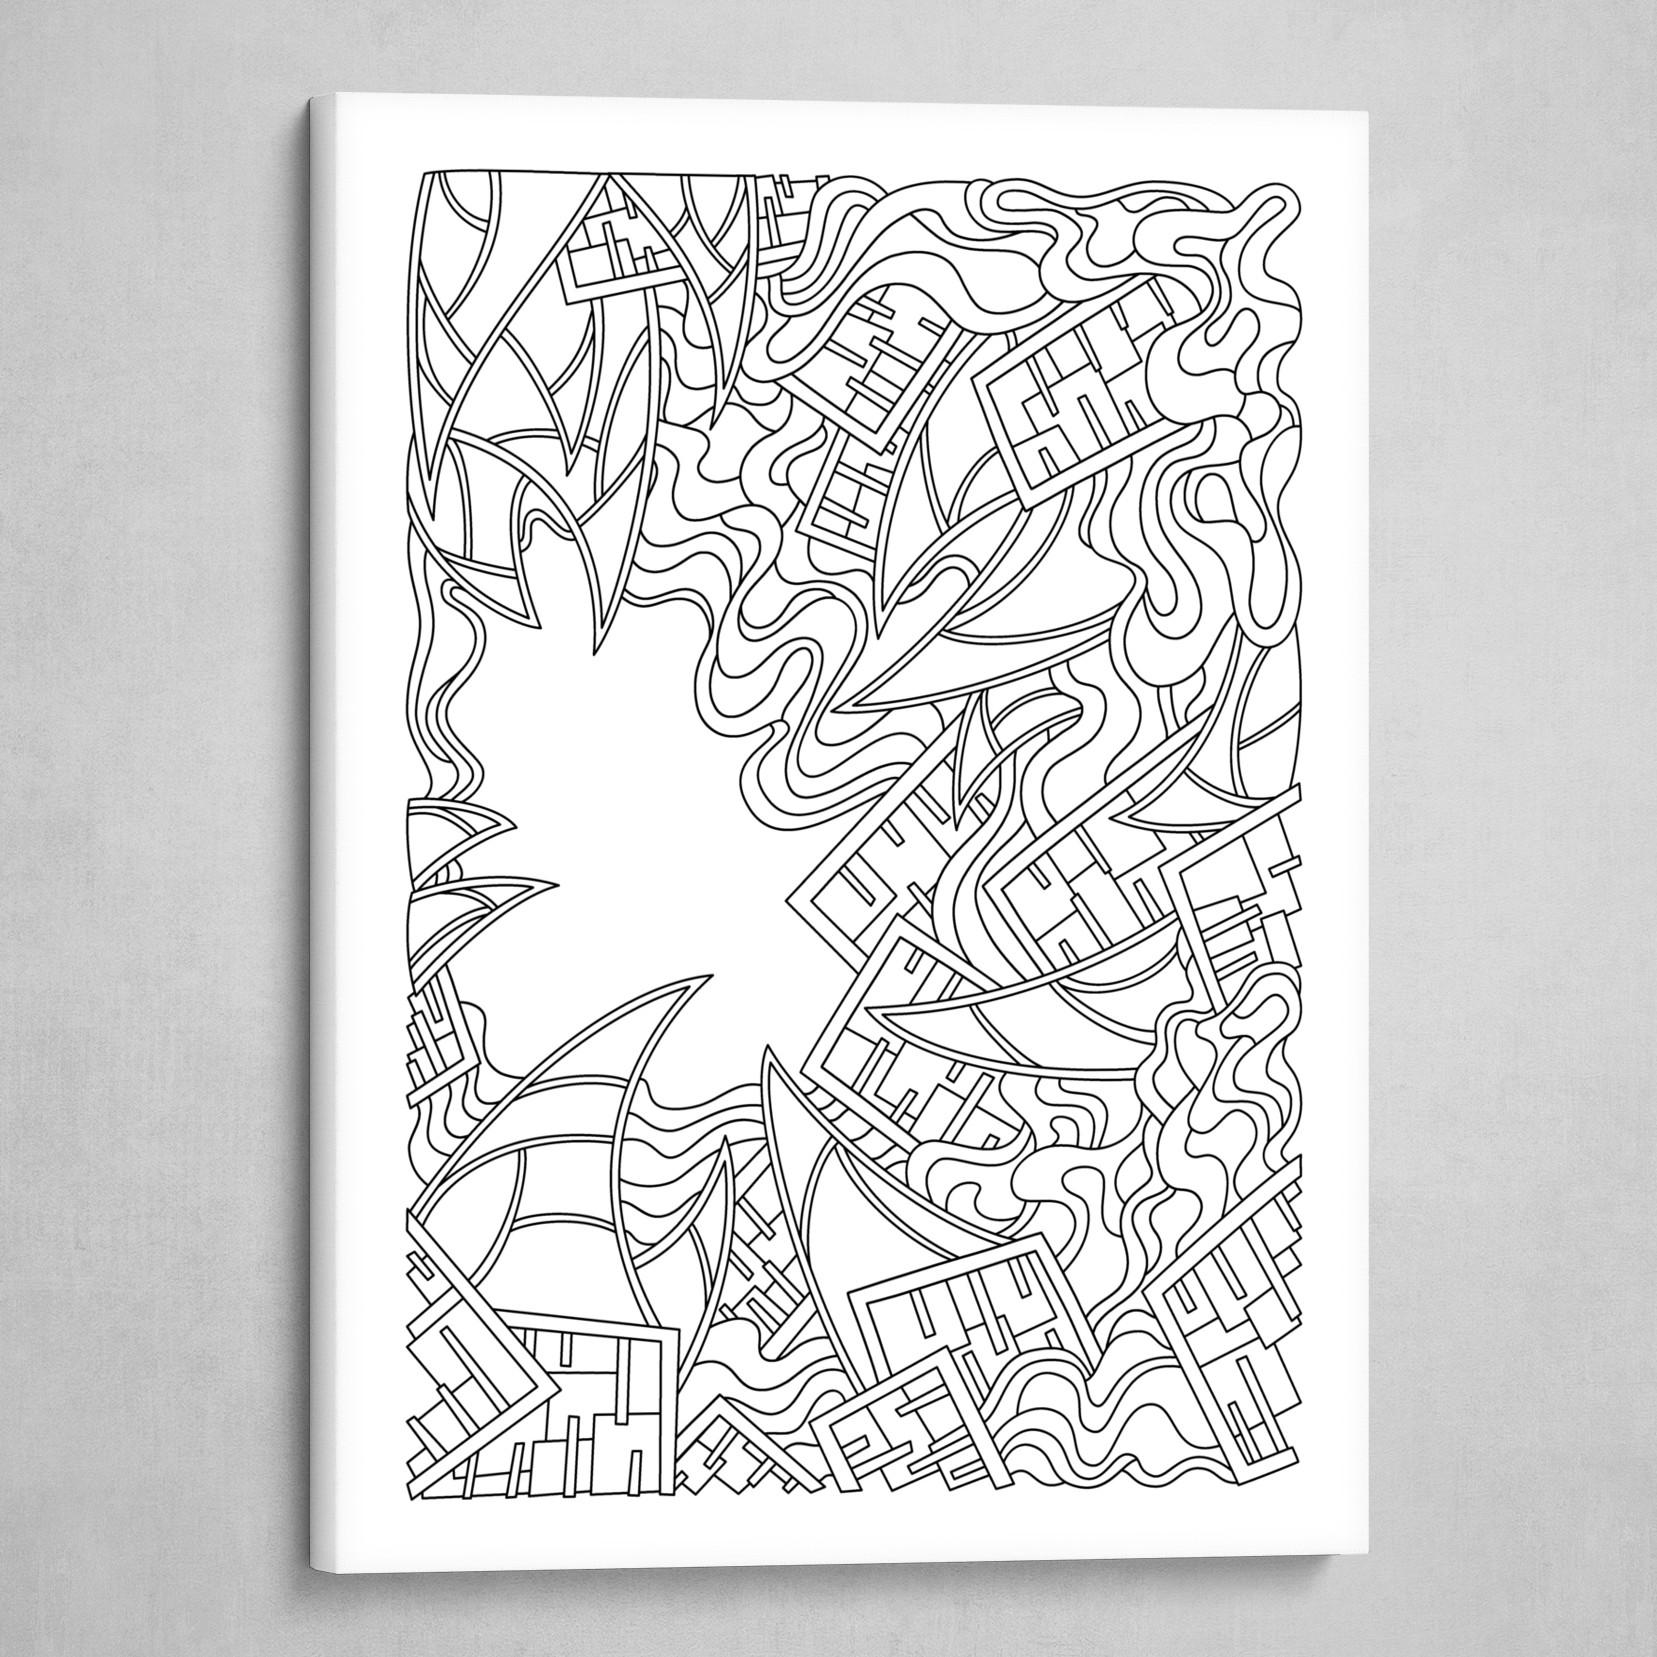 Wandering 25: black & white line art